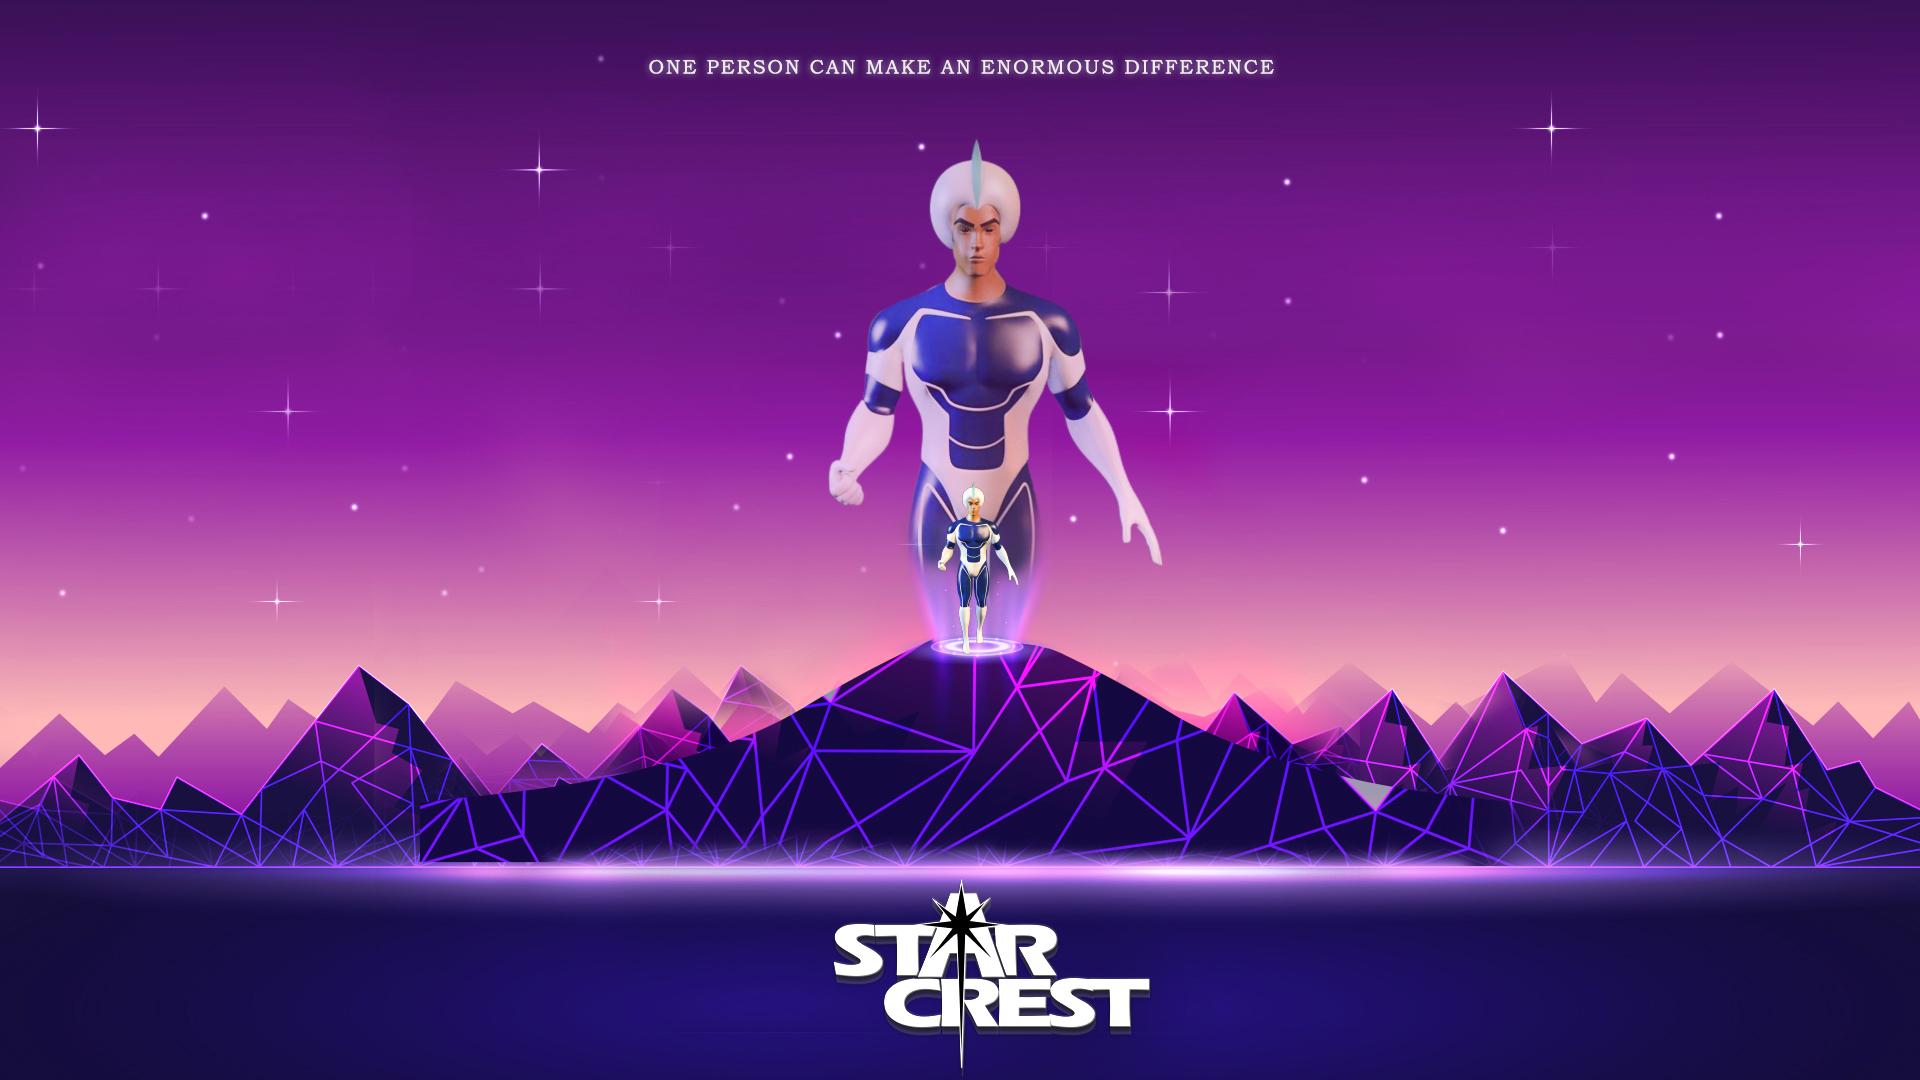 Star Crest